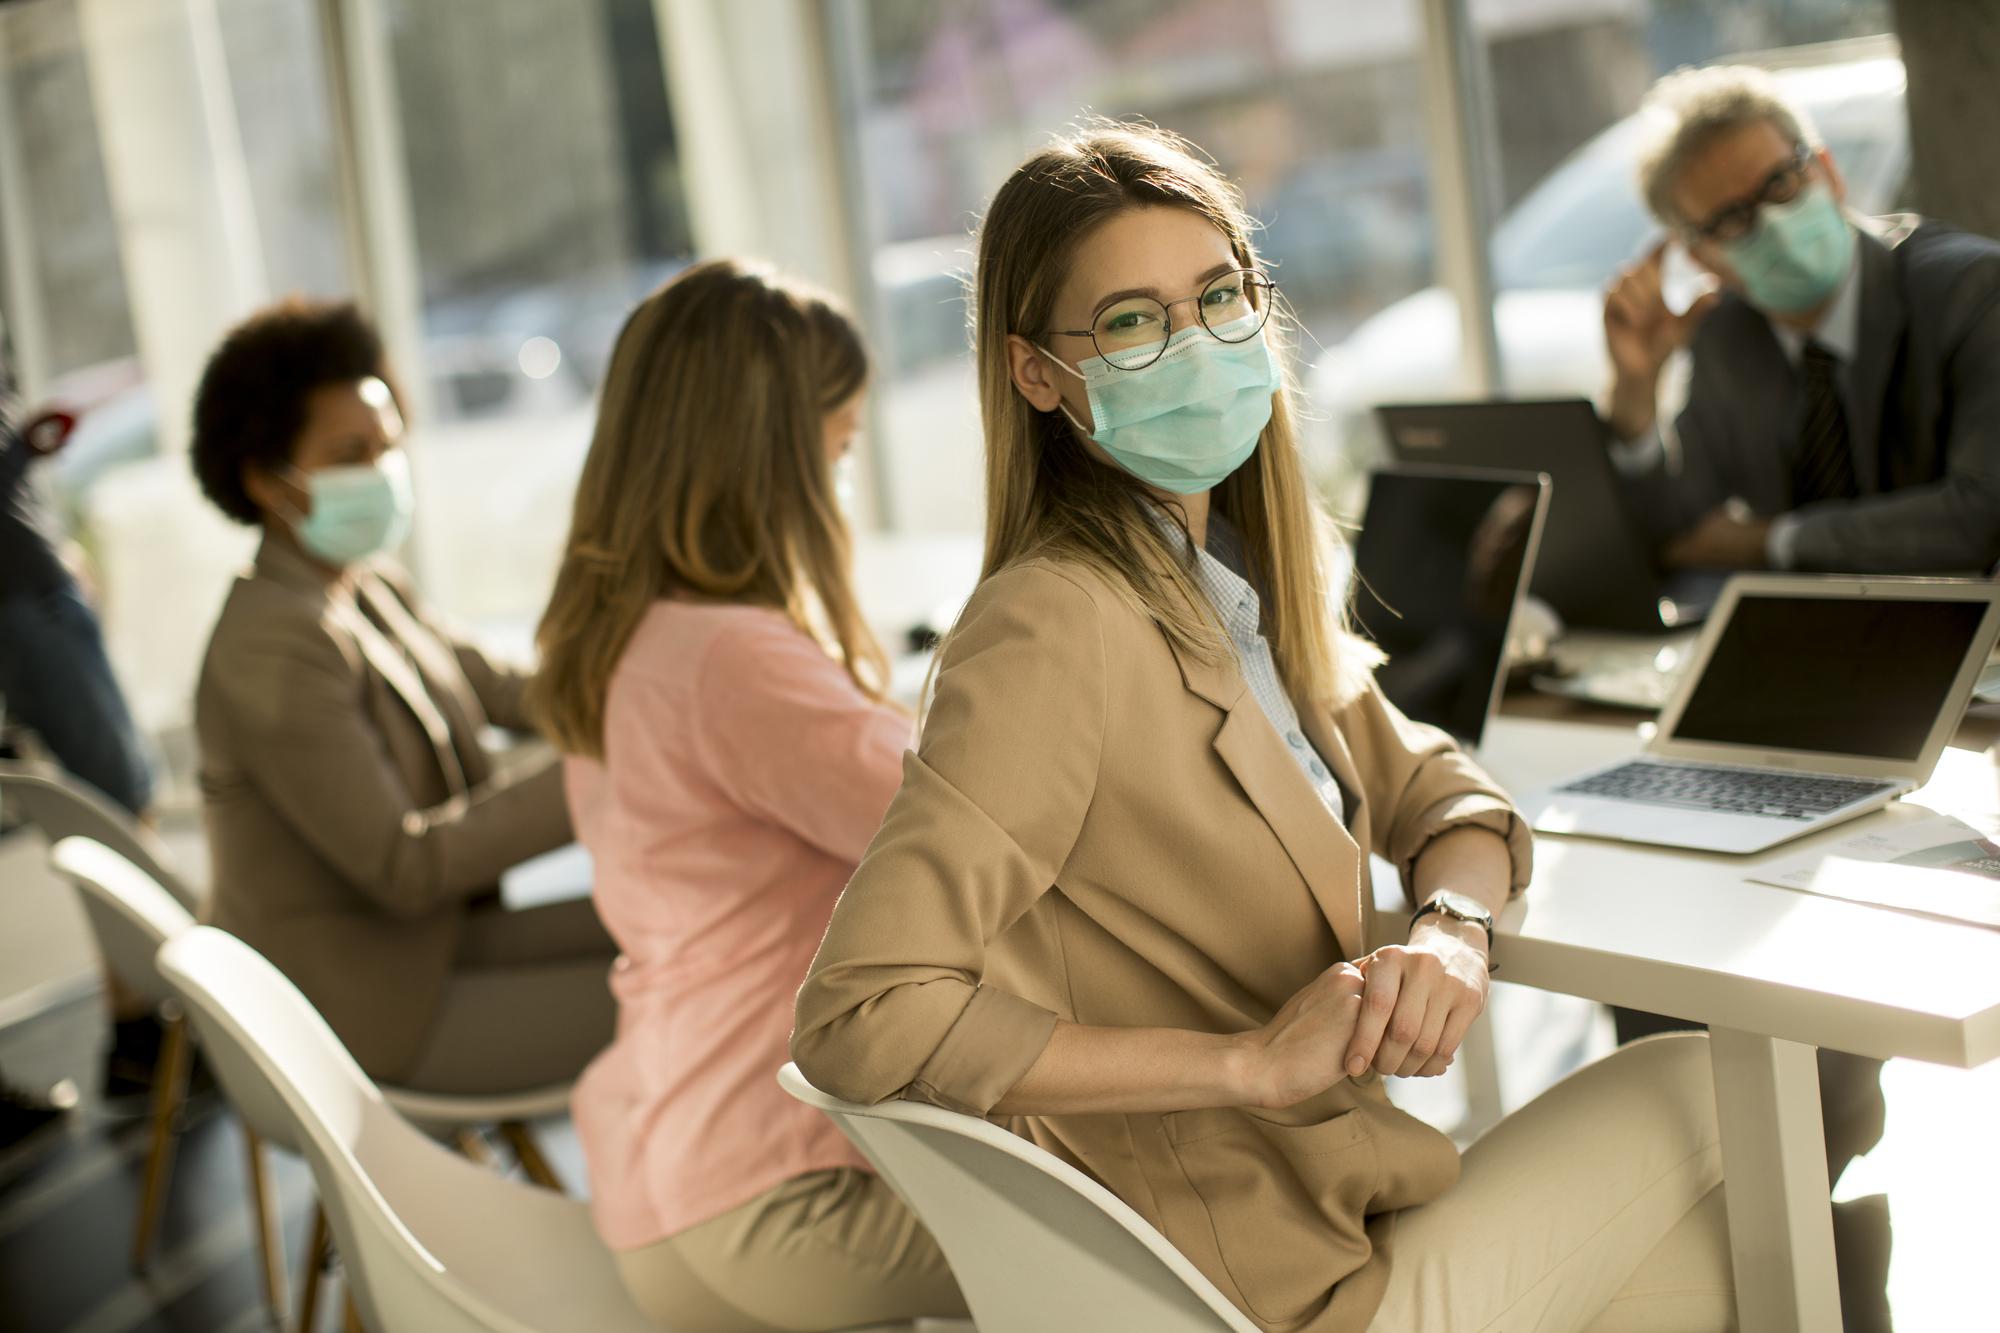 Como o EBR e a Toyo Setal estão lidando com o trabalho homeoffice e presencial durante a pandemia?